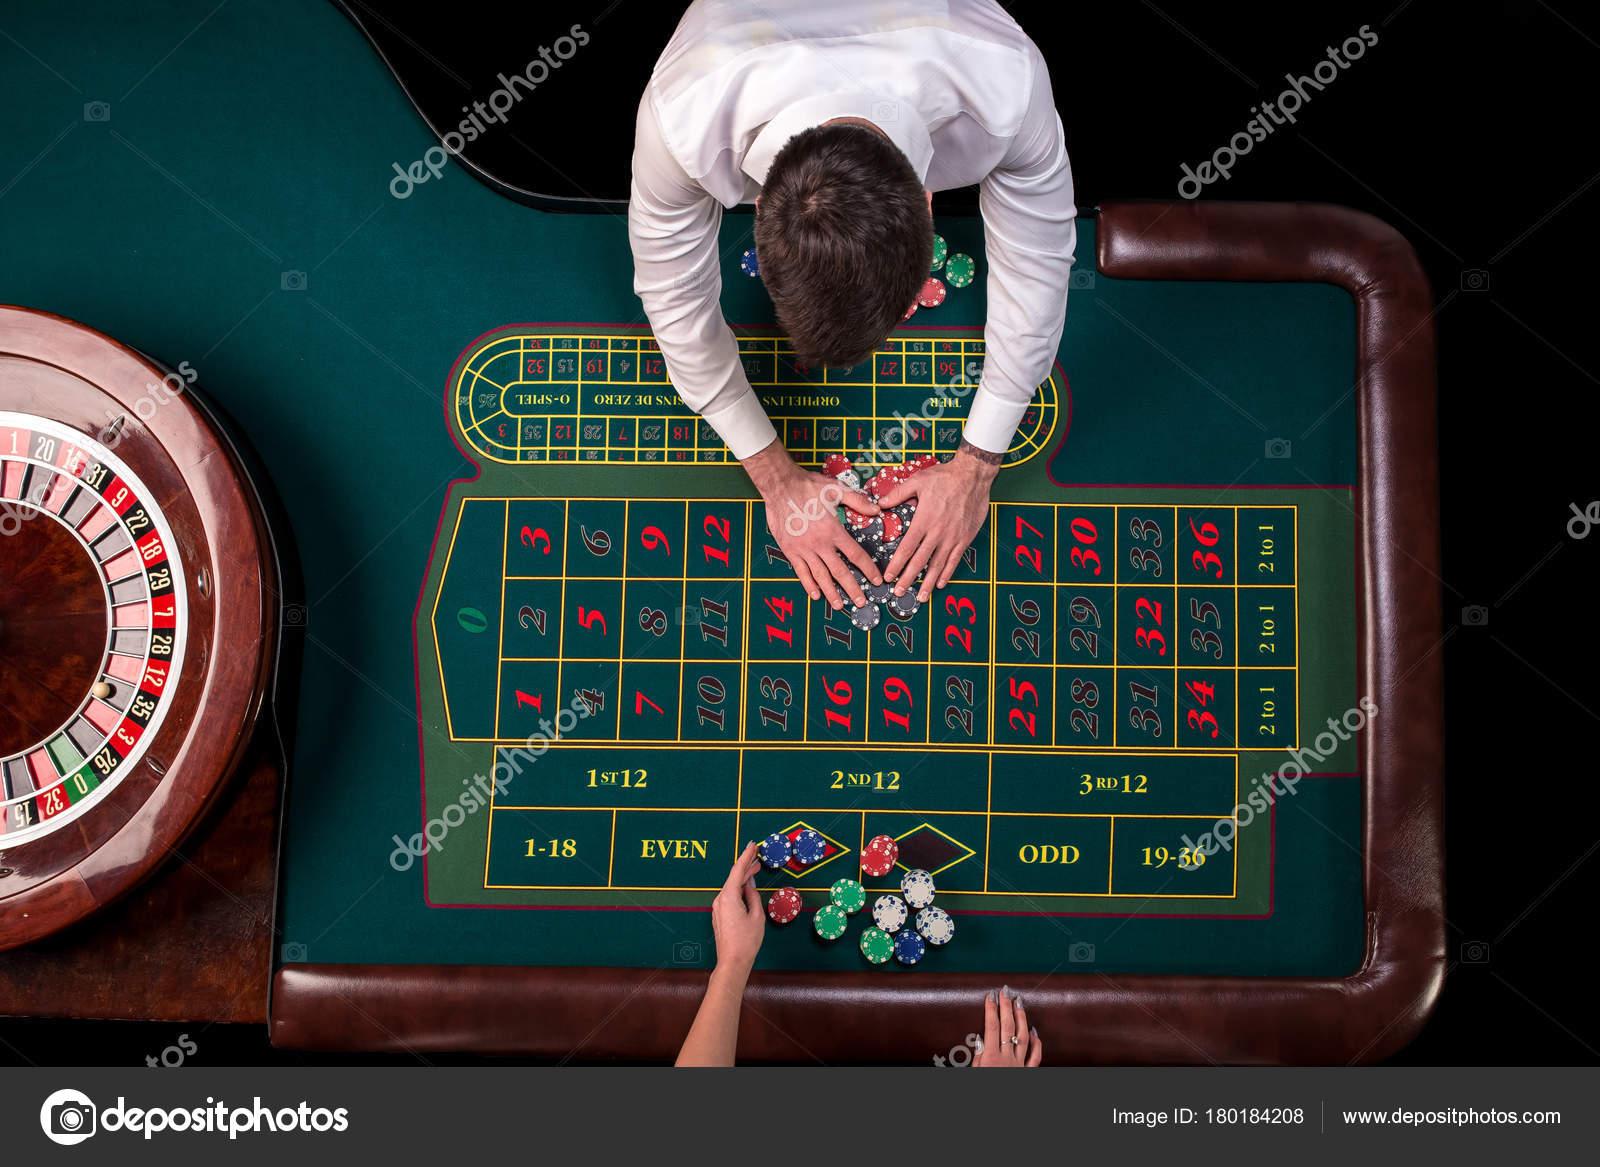 Blackjack tables in fargo